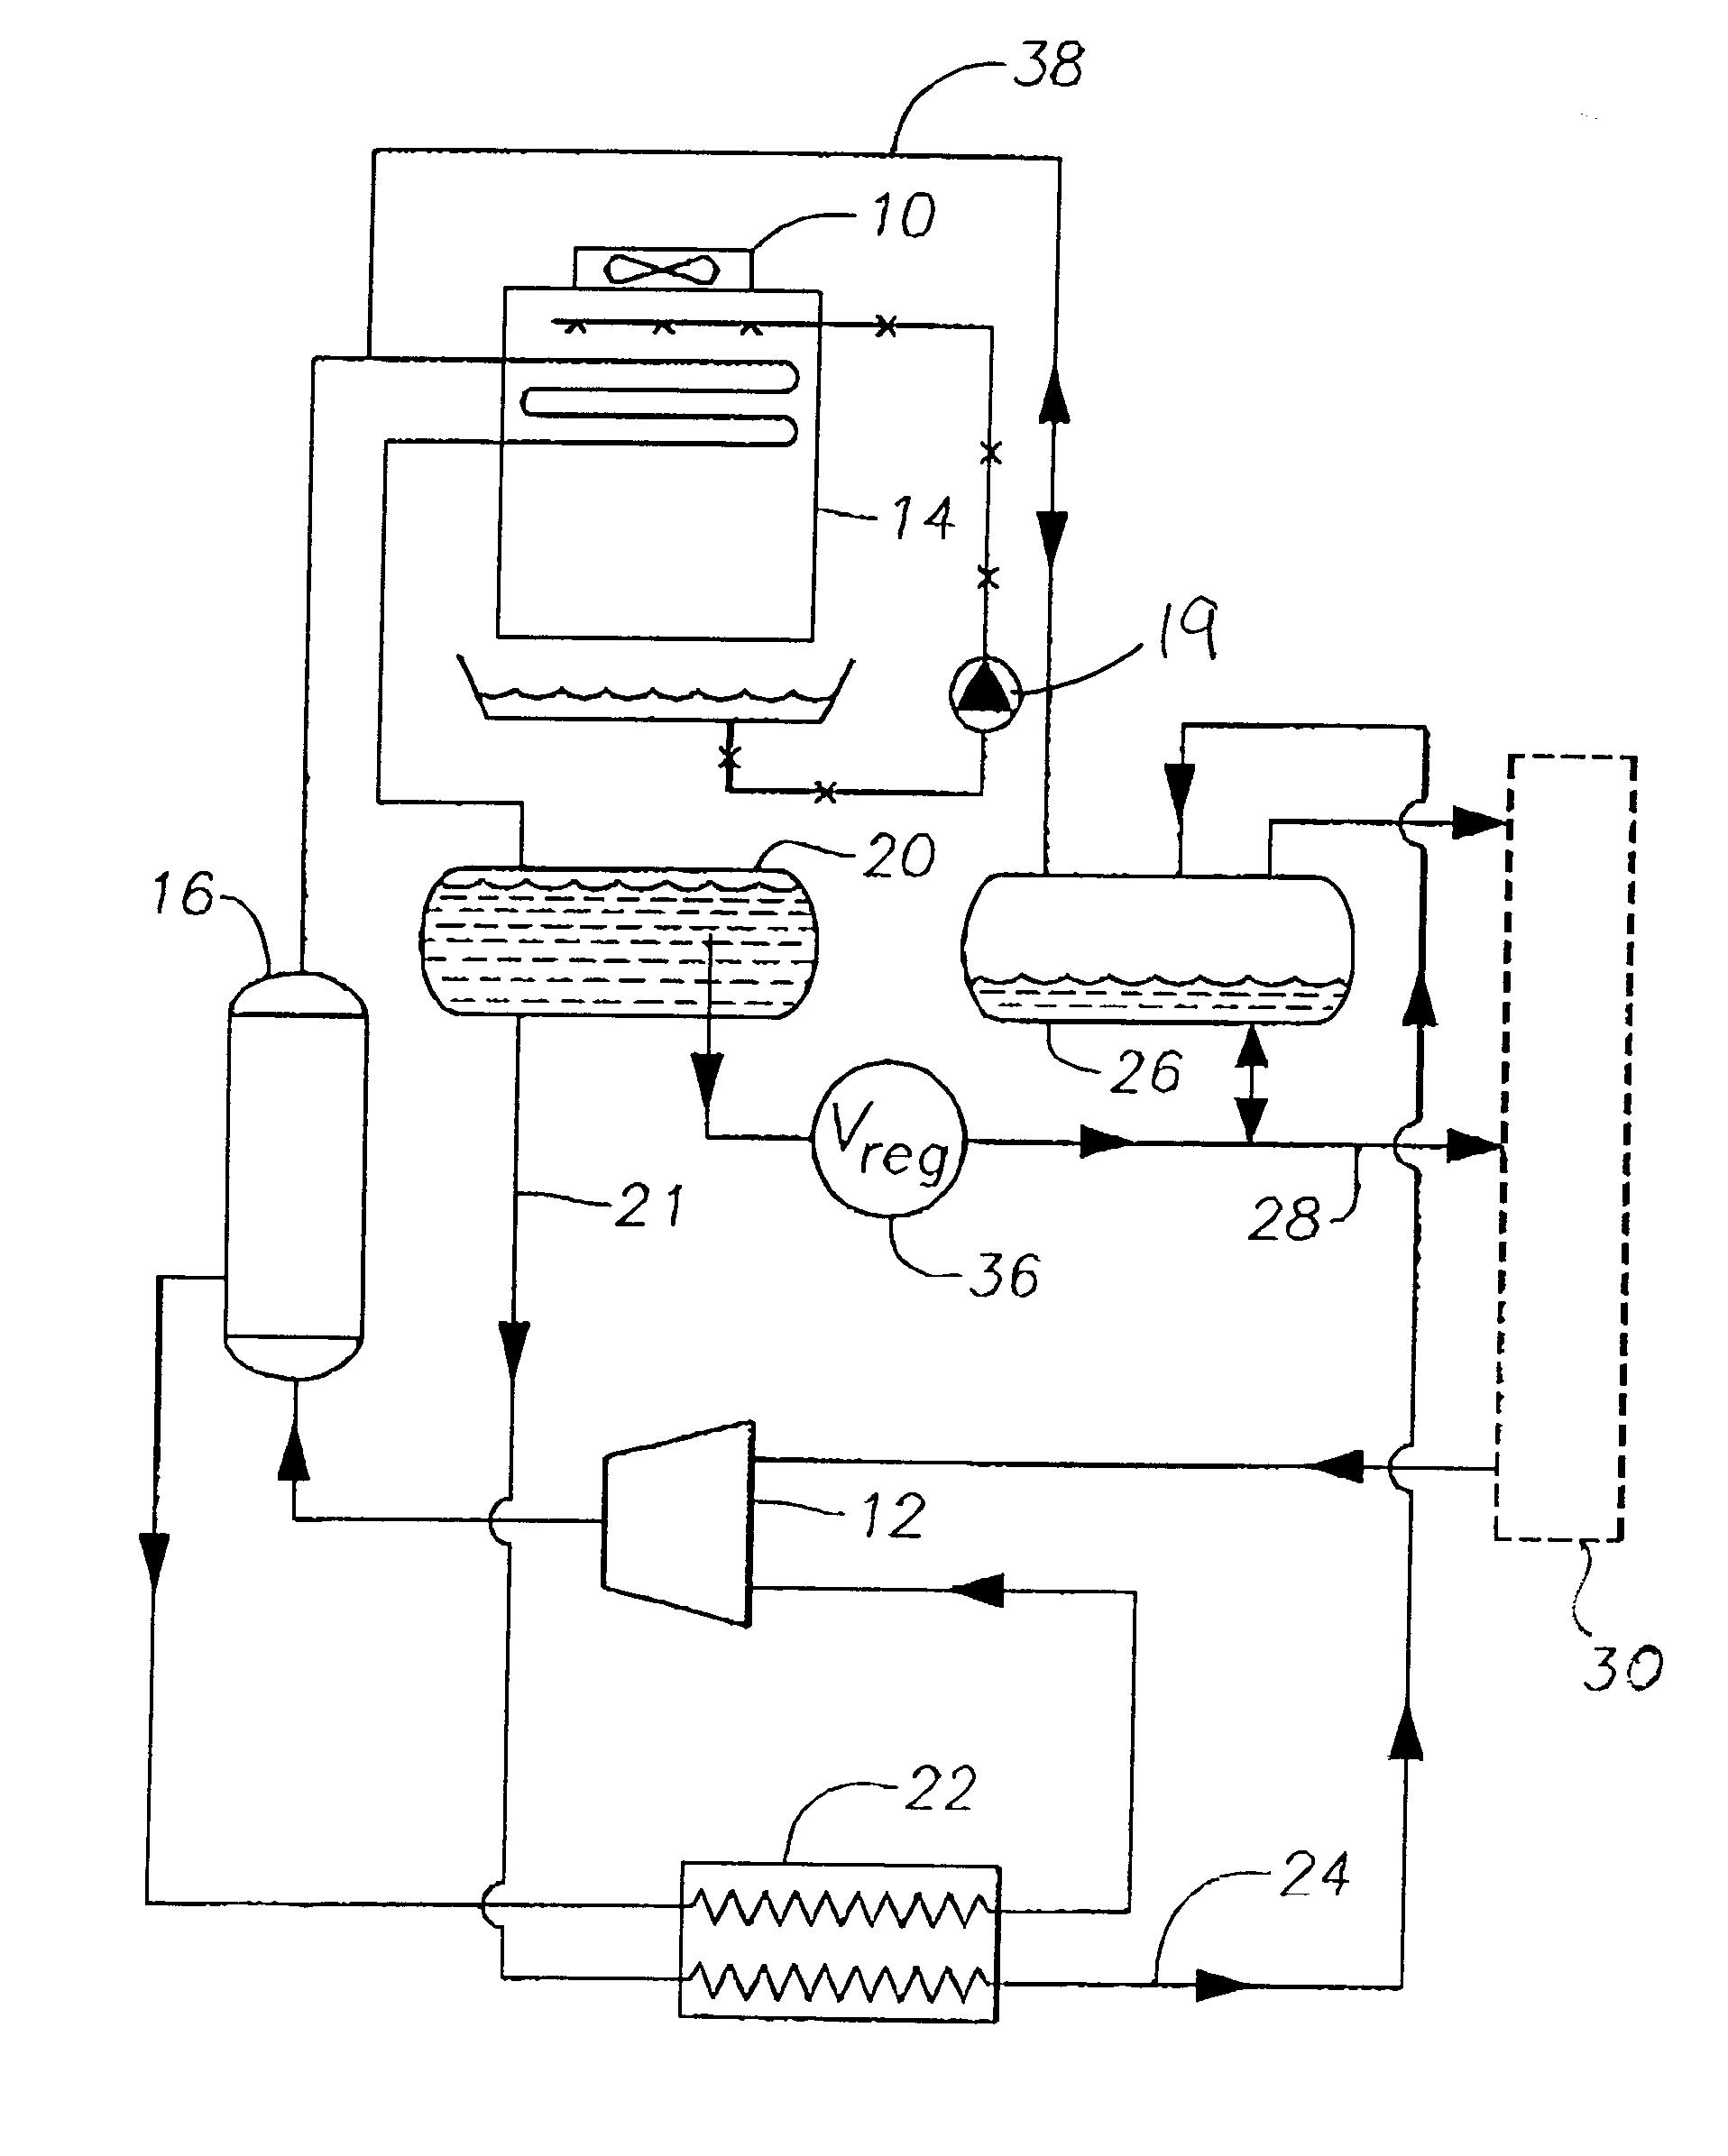 Re mended 11277 troubleshooting of fan coil unit fan coil unit 2d2d2d fan coil unit piping diagram